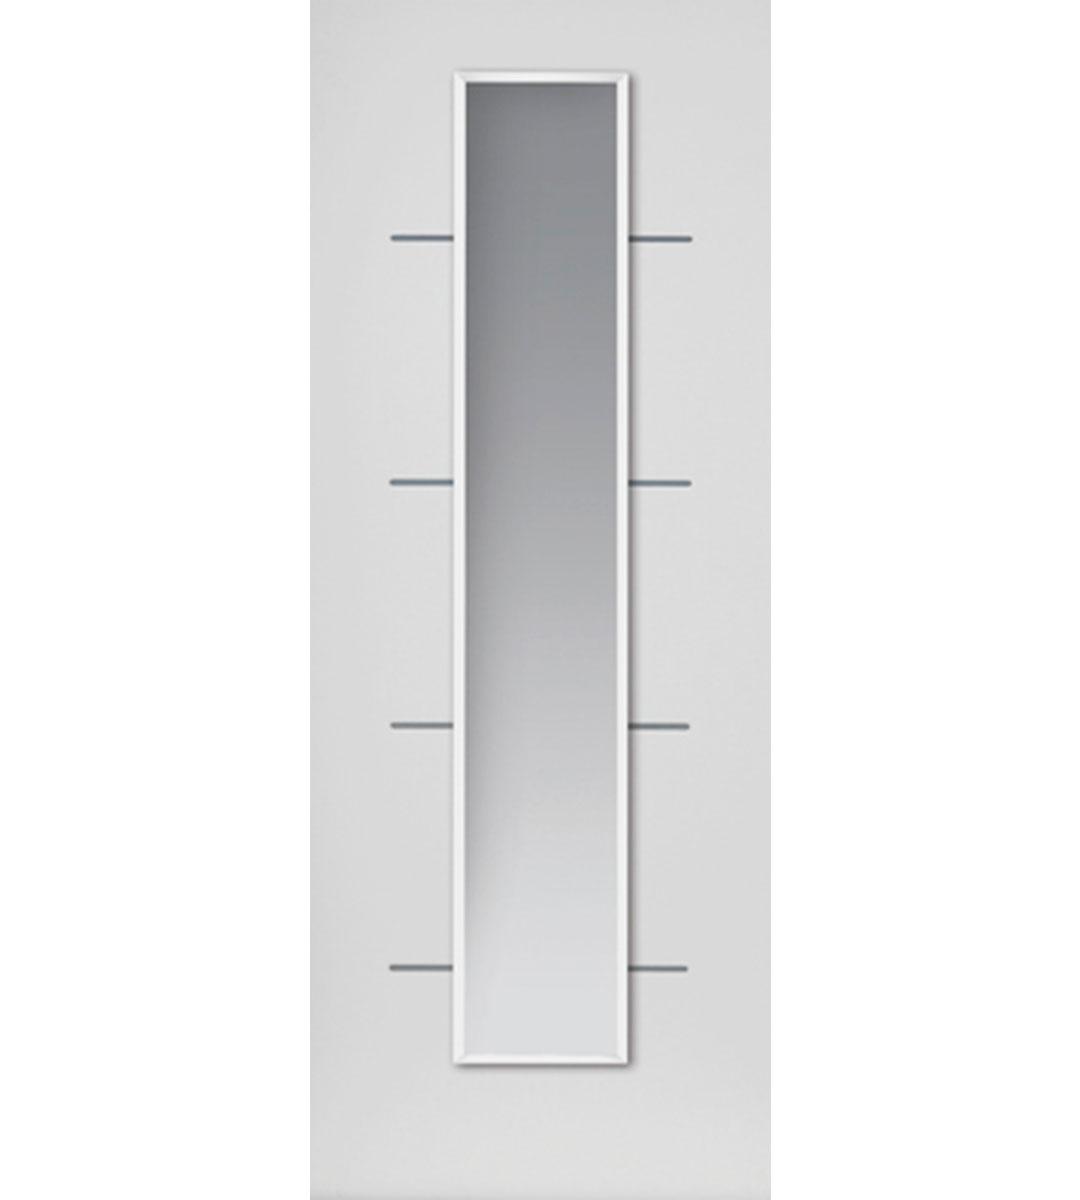 eco blanco white glazed door